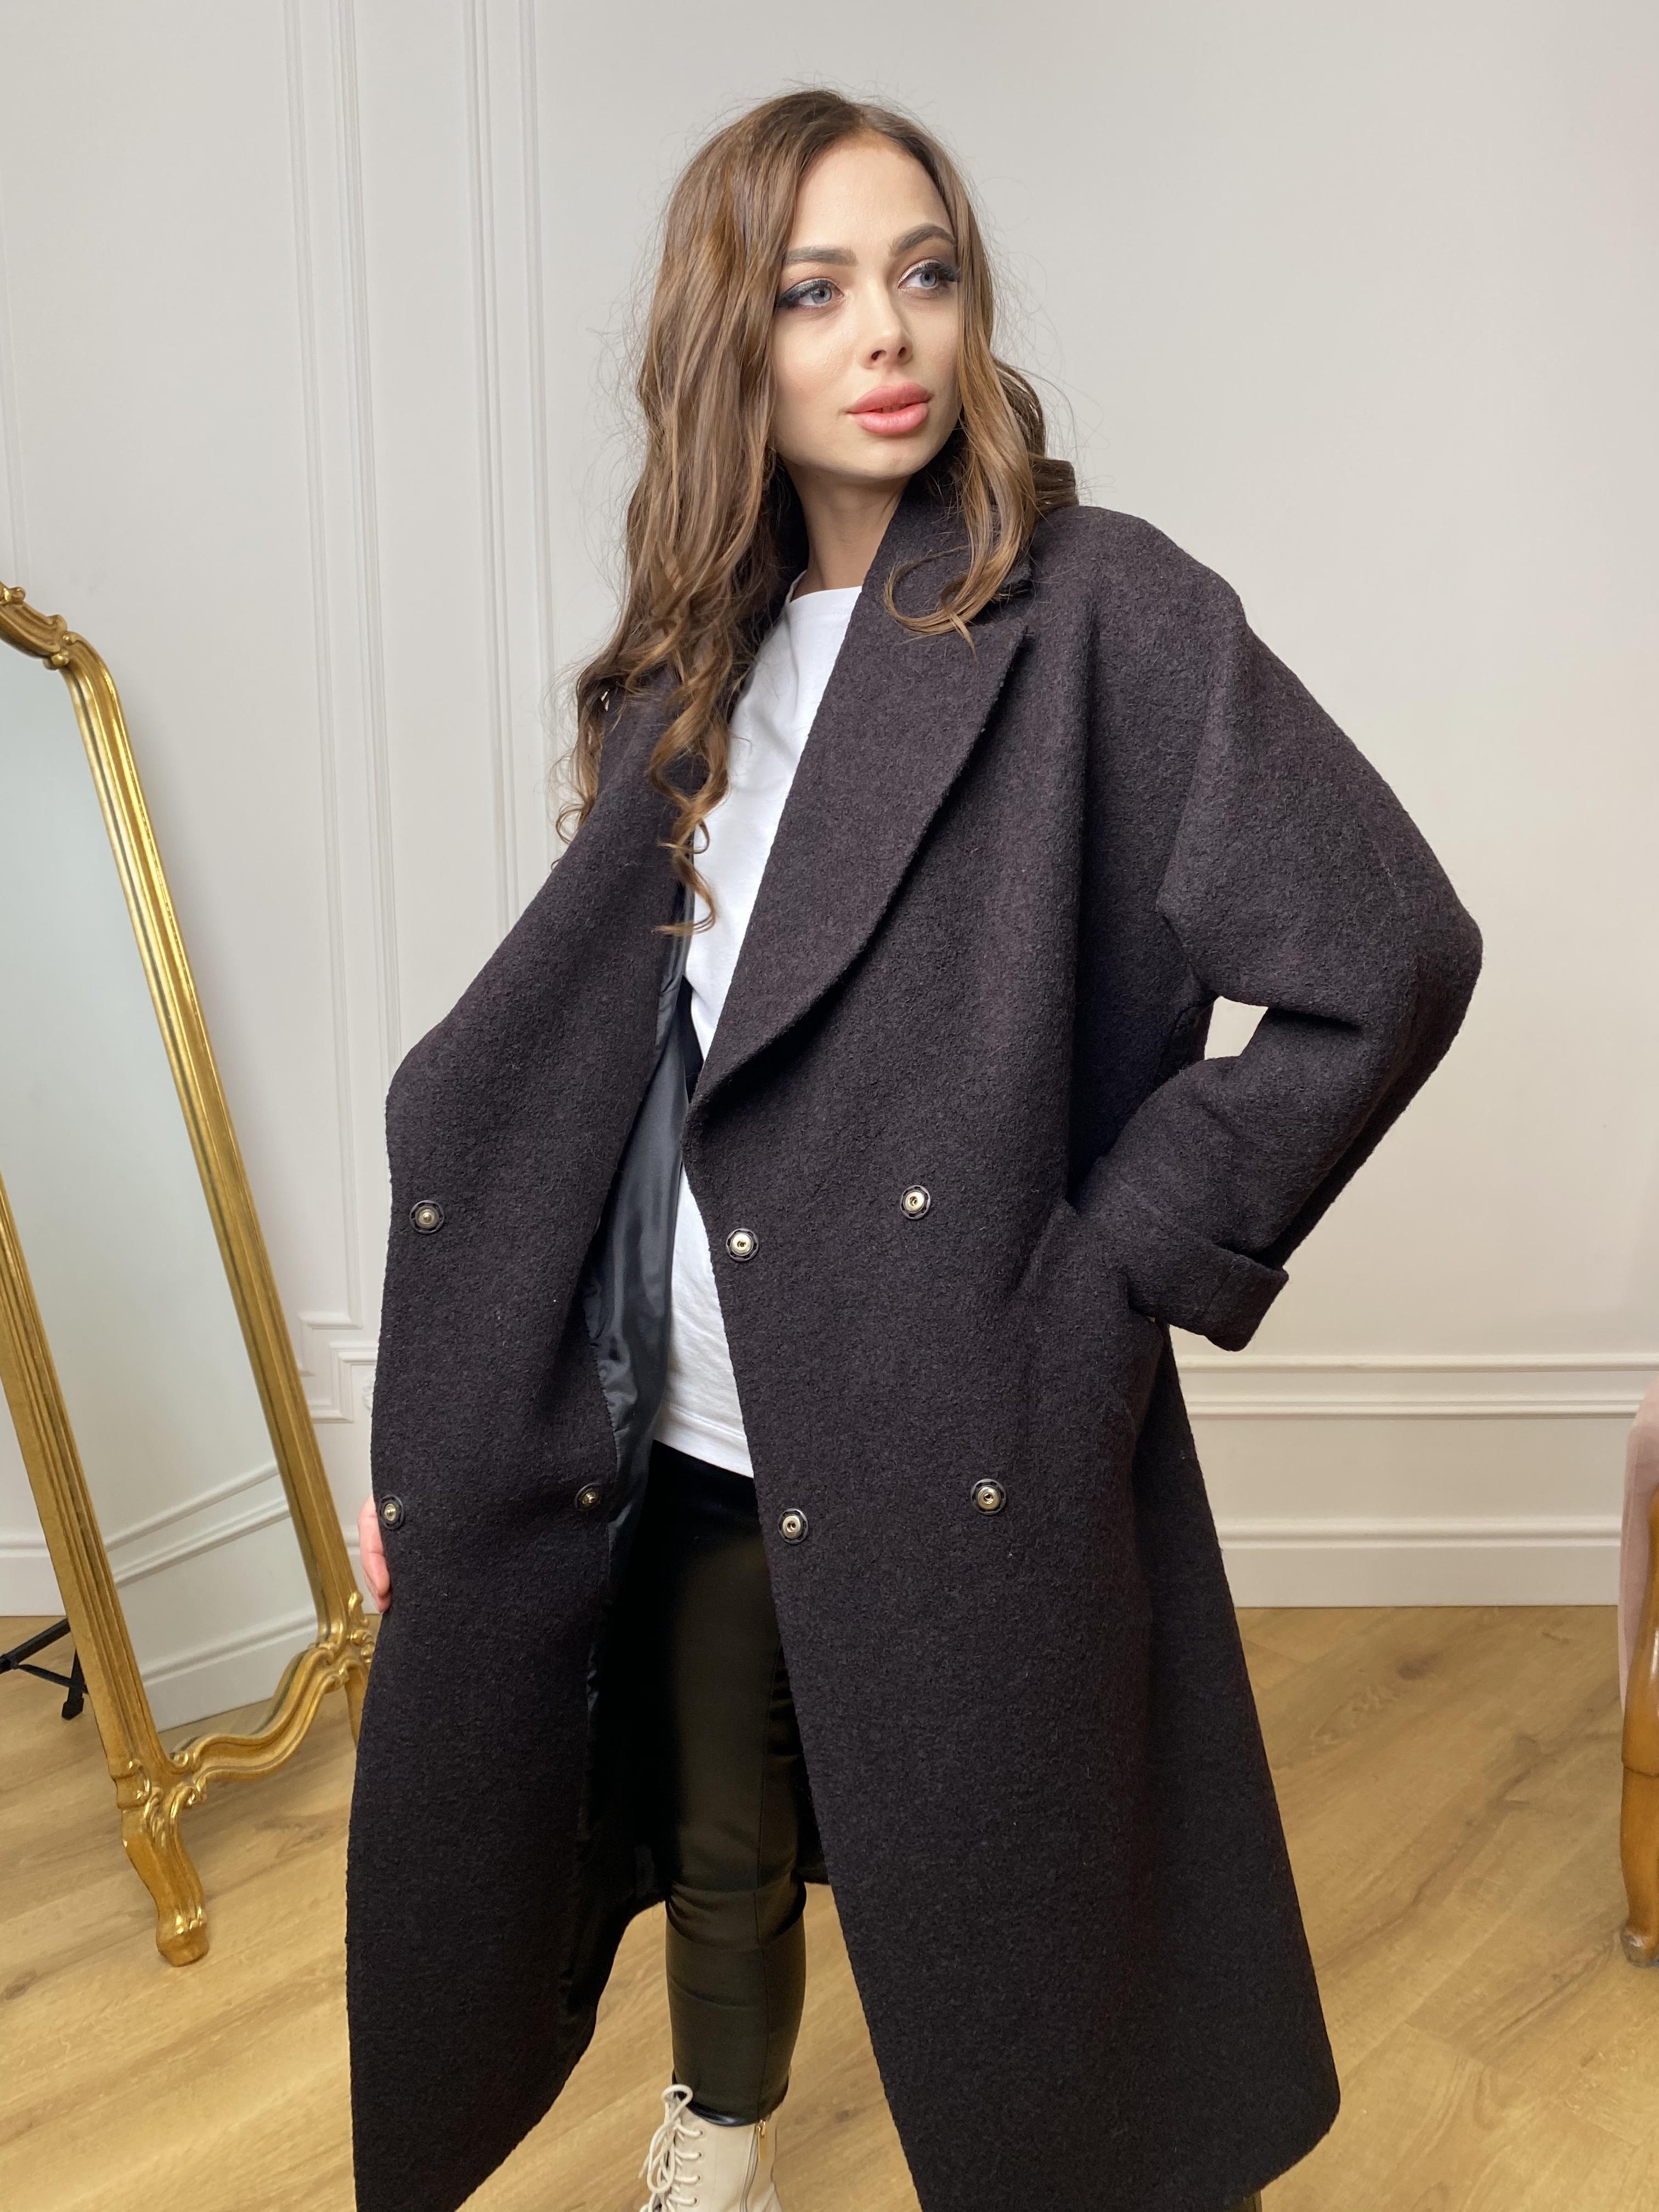 Влада баритон  пальто  из пальтовой ткани 10313 АРТ. 46630 Цвет: Шоколад - фото 9, интернет магазин tm-modus.ru